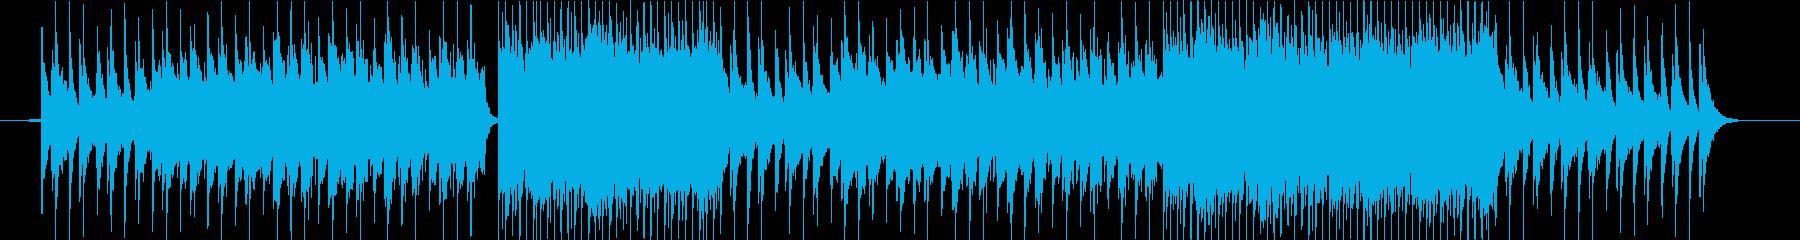 雄大-風景-感動-オーケストラ-PVの再生済みの波形